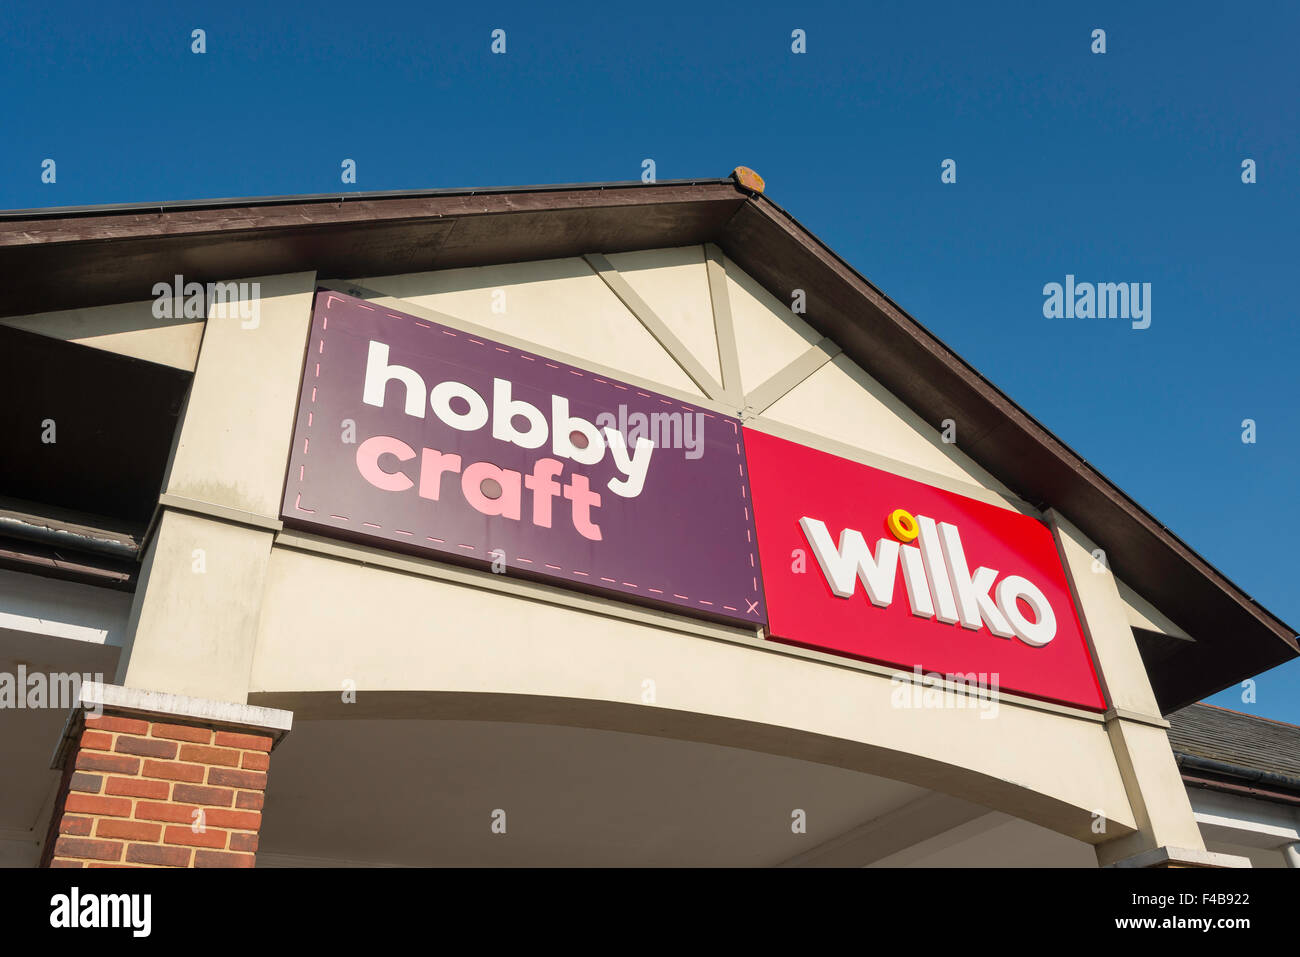 Hobby Craft & Wilko entrée privée, deux rivières Centre Commercial, Staines-upon-Thames, Surrey, Photo Stock